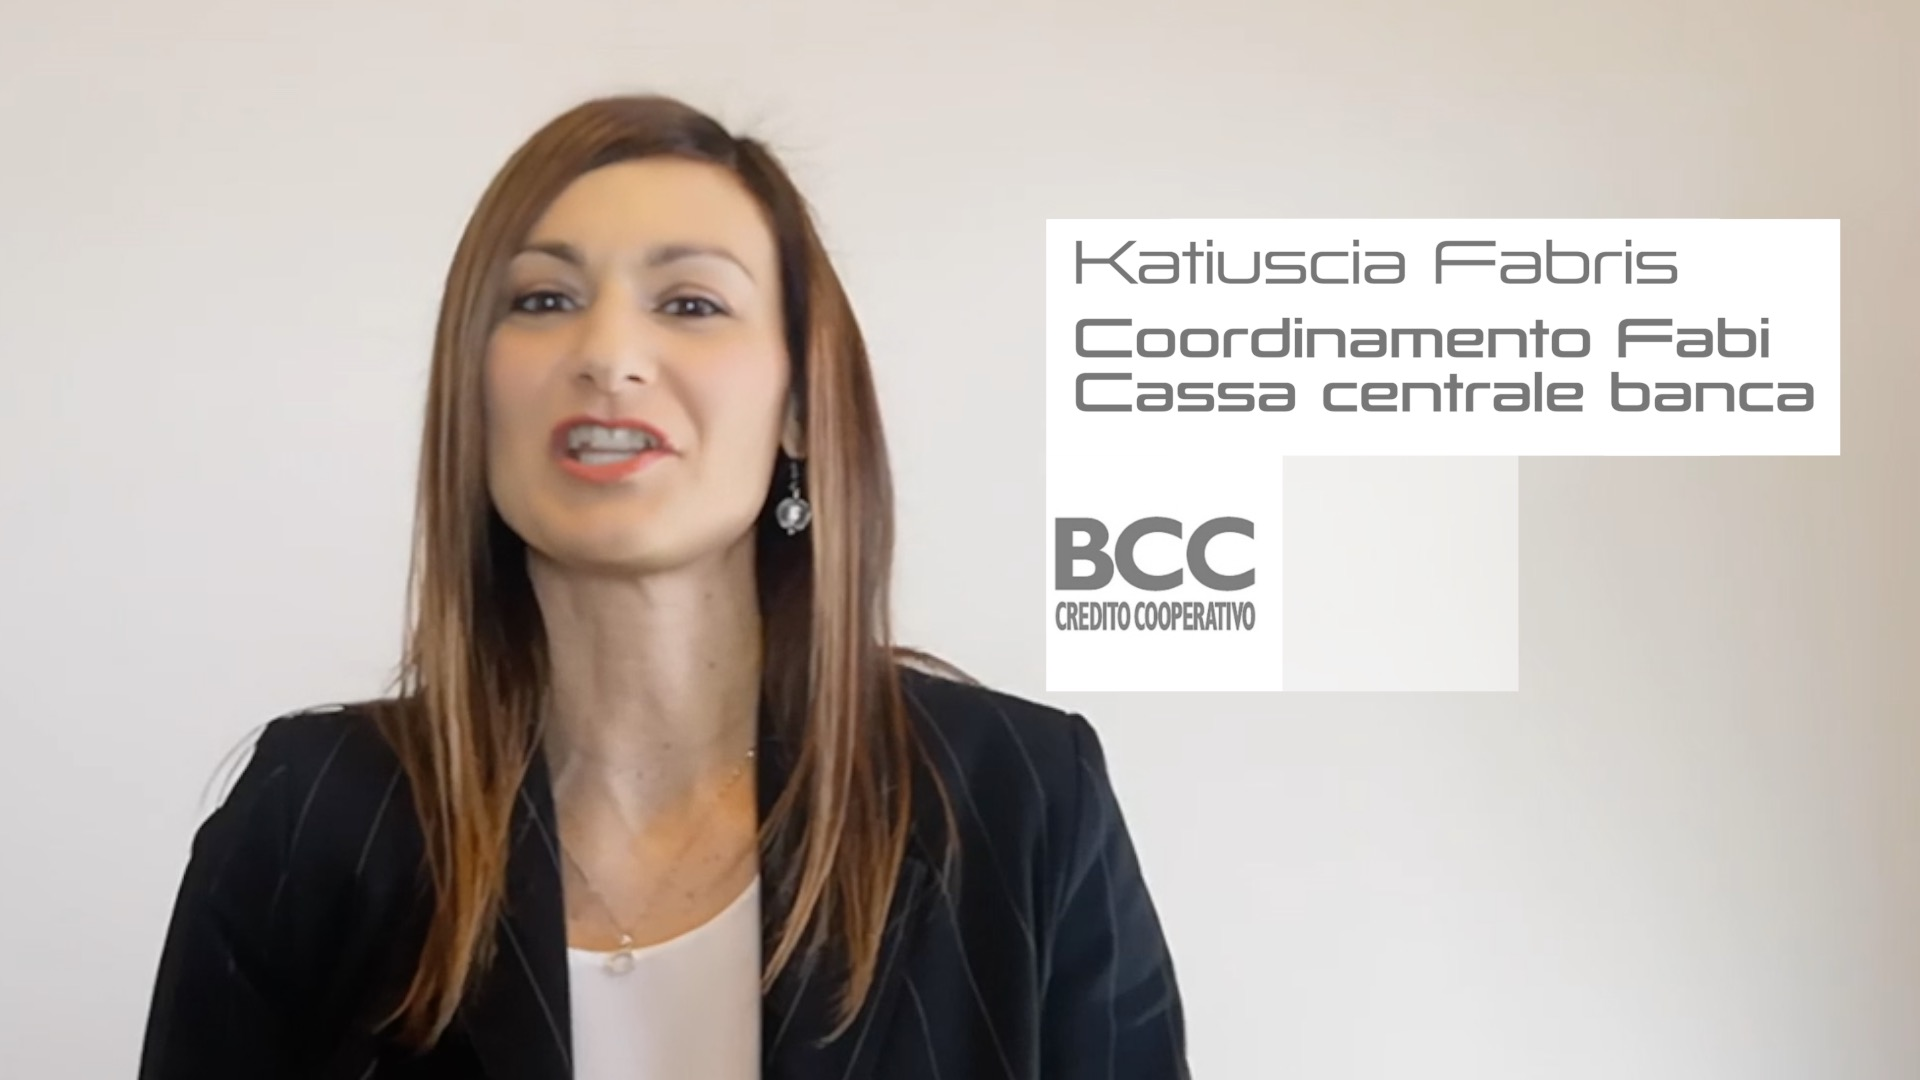 L'A...BCC - FOCUS CCB: Banca del Veneto Centrale, l'accordo di fusione